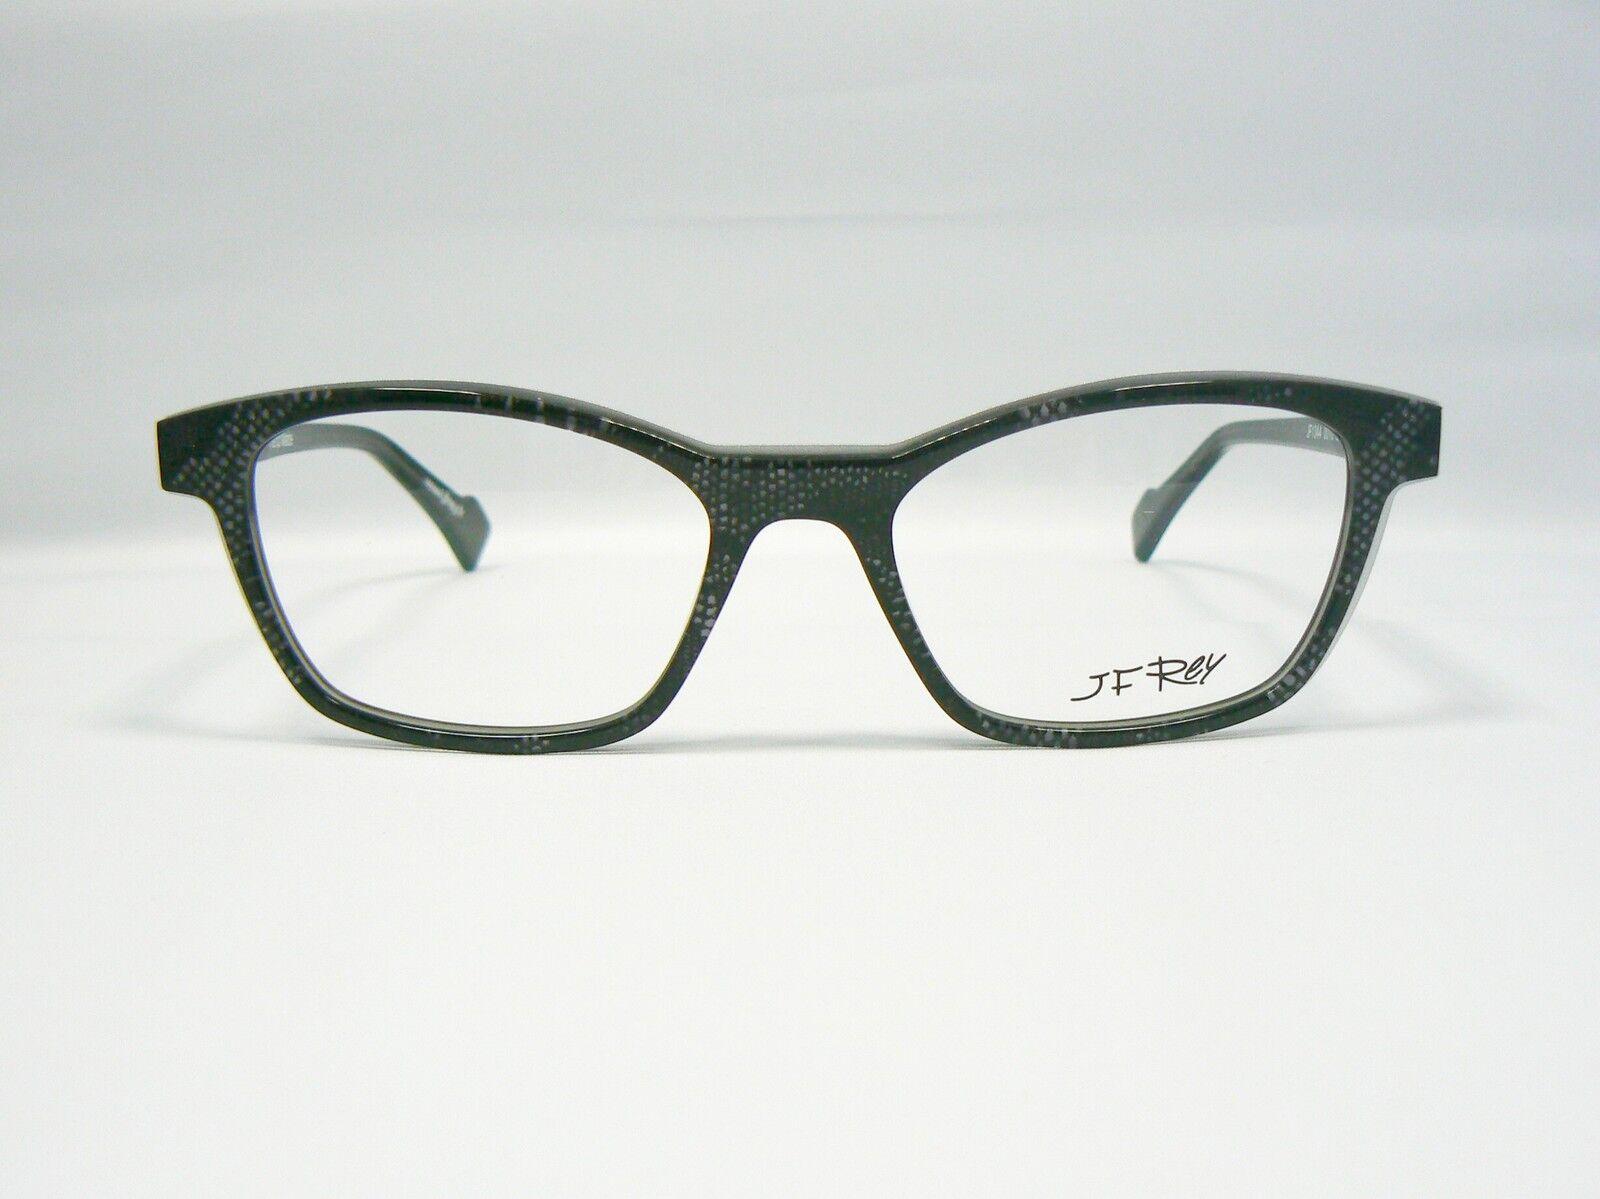 Original JF Rey Brillenfassung JF 1344 Farbe 0010 schwarz grau ...